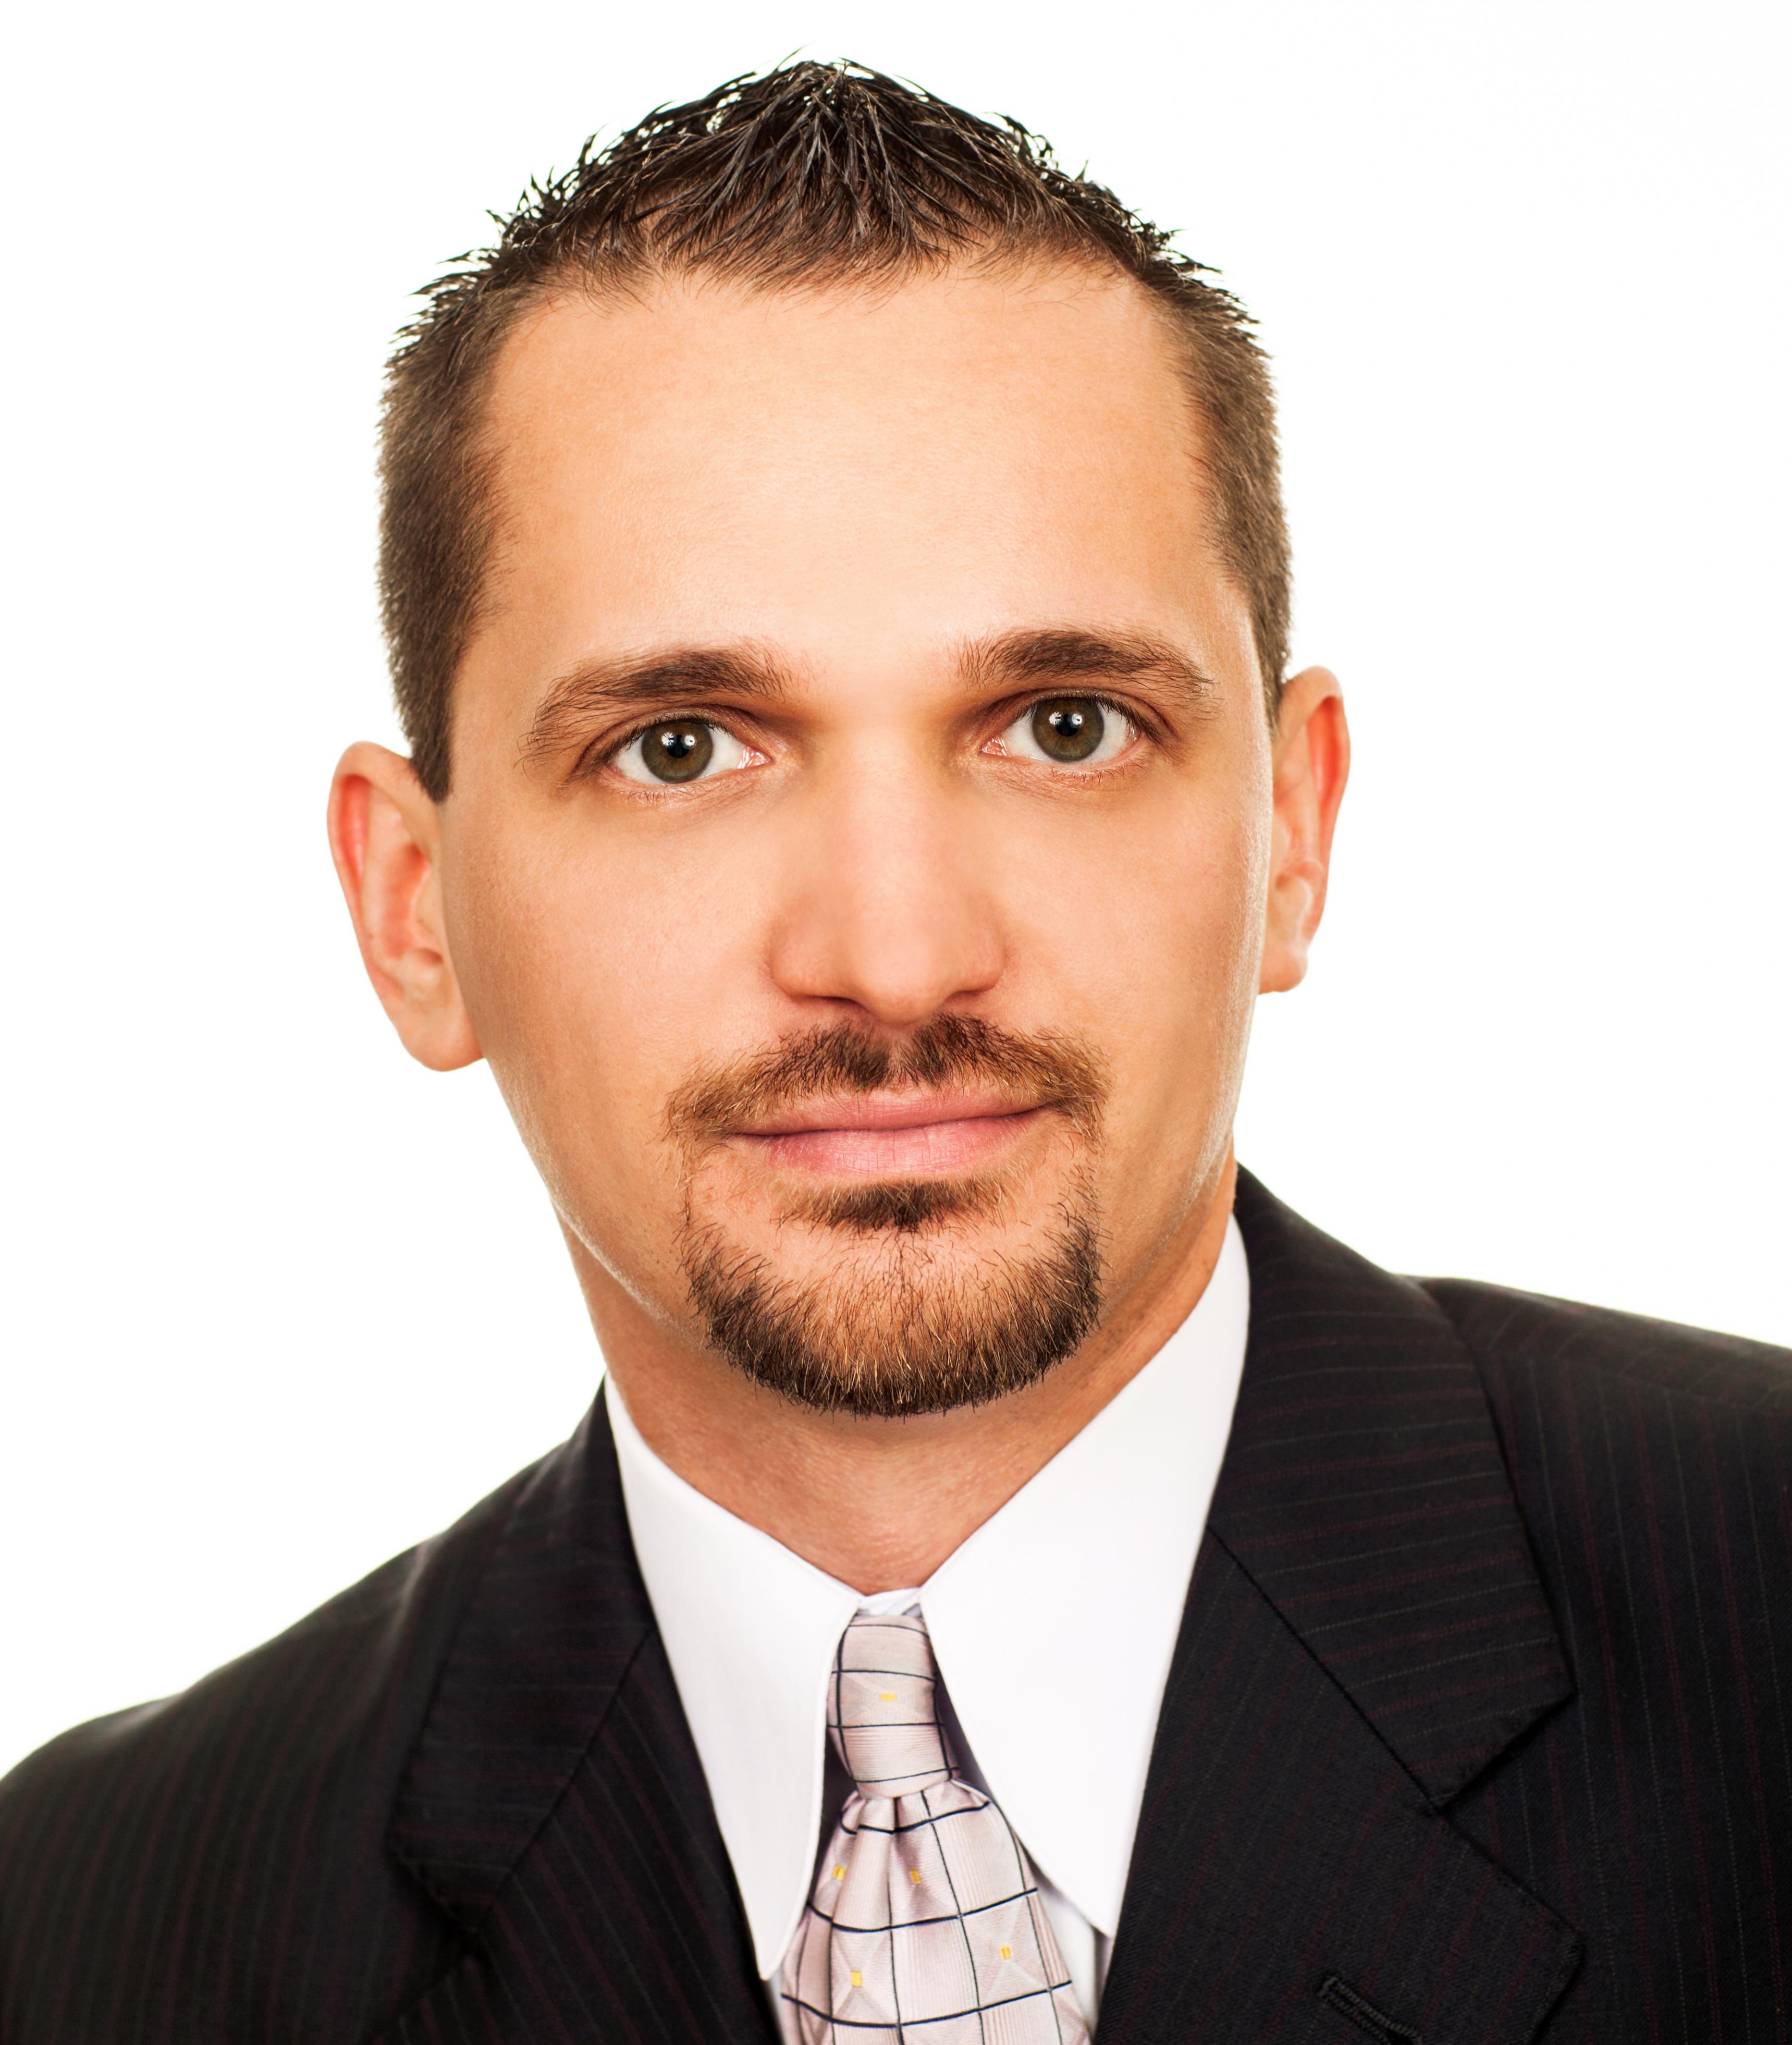 Marcin Krempa